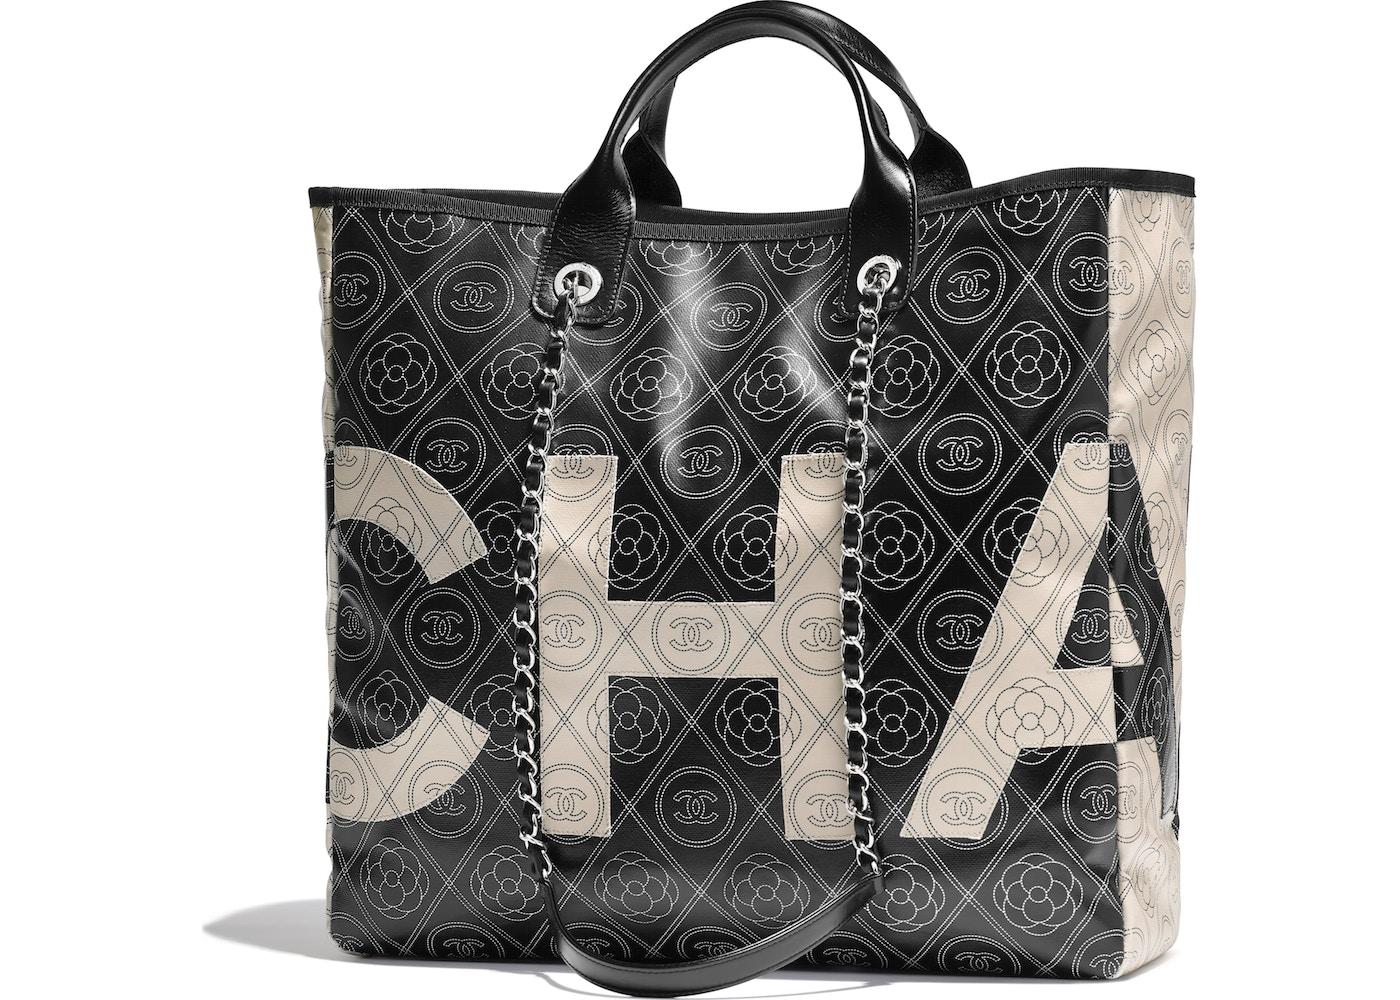 1812a69a15ee Chanel Shopping Bag Large Black/Beige. Large Black/Beige